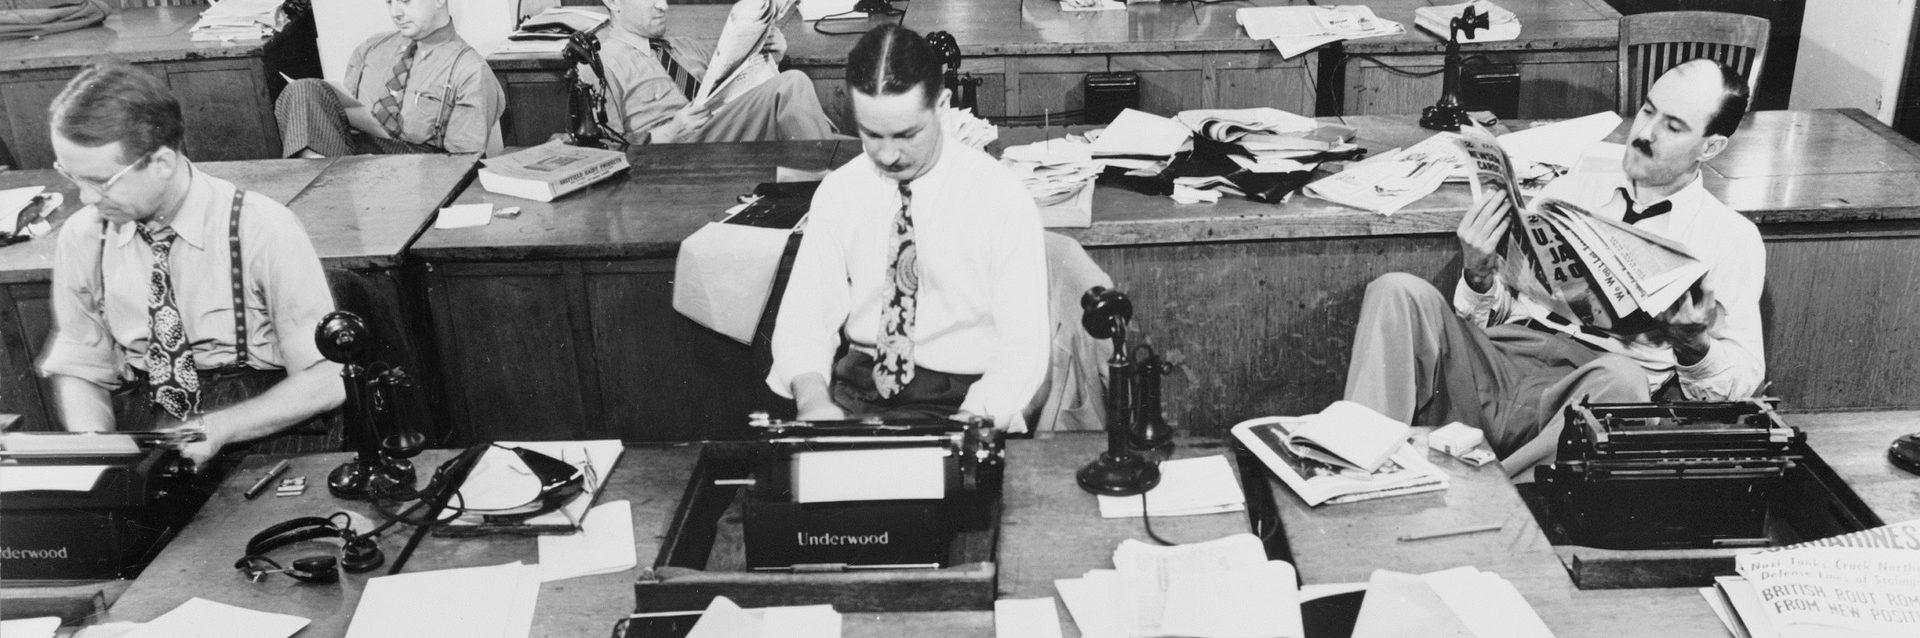 La redacción es un relato escrito por Miguel Rodríguez Echeandía sobre lo que eran las redacciones de perioódicos en el siglo XX.